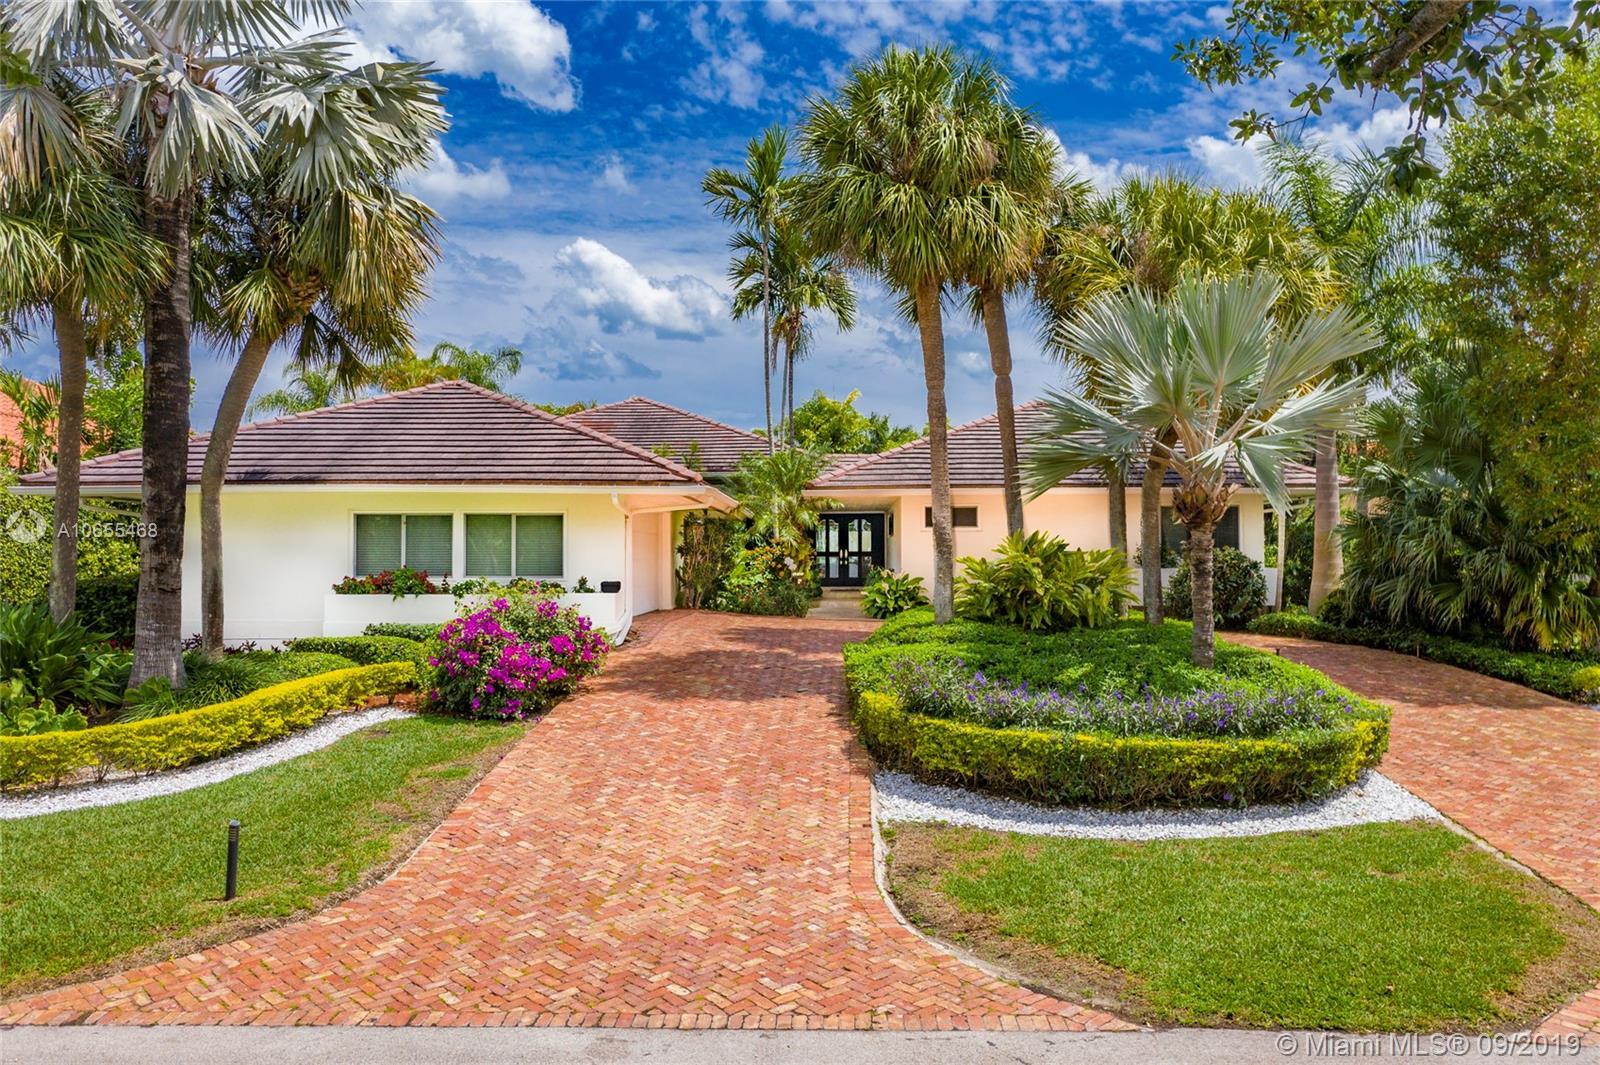 7161 E Lago Dr - Coral Gables, Florida